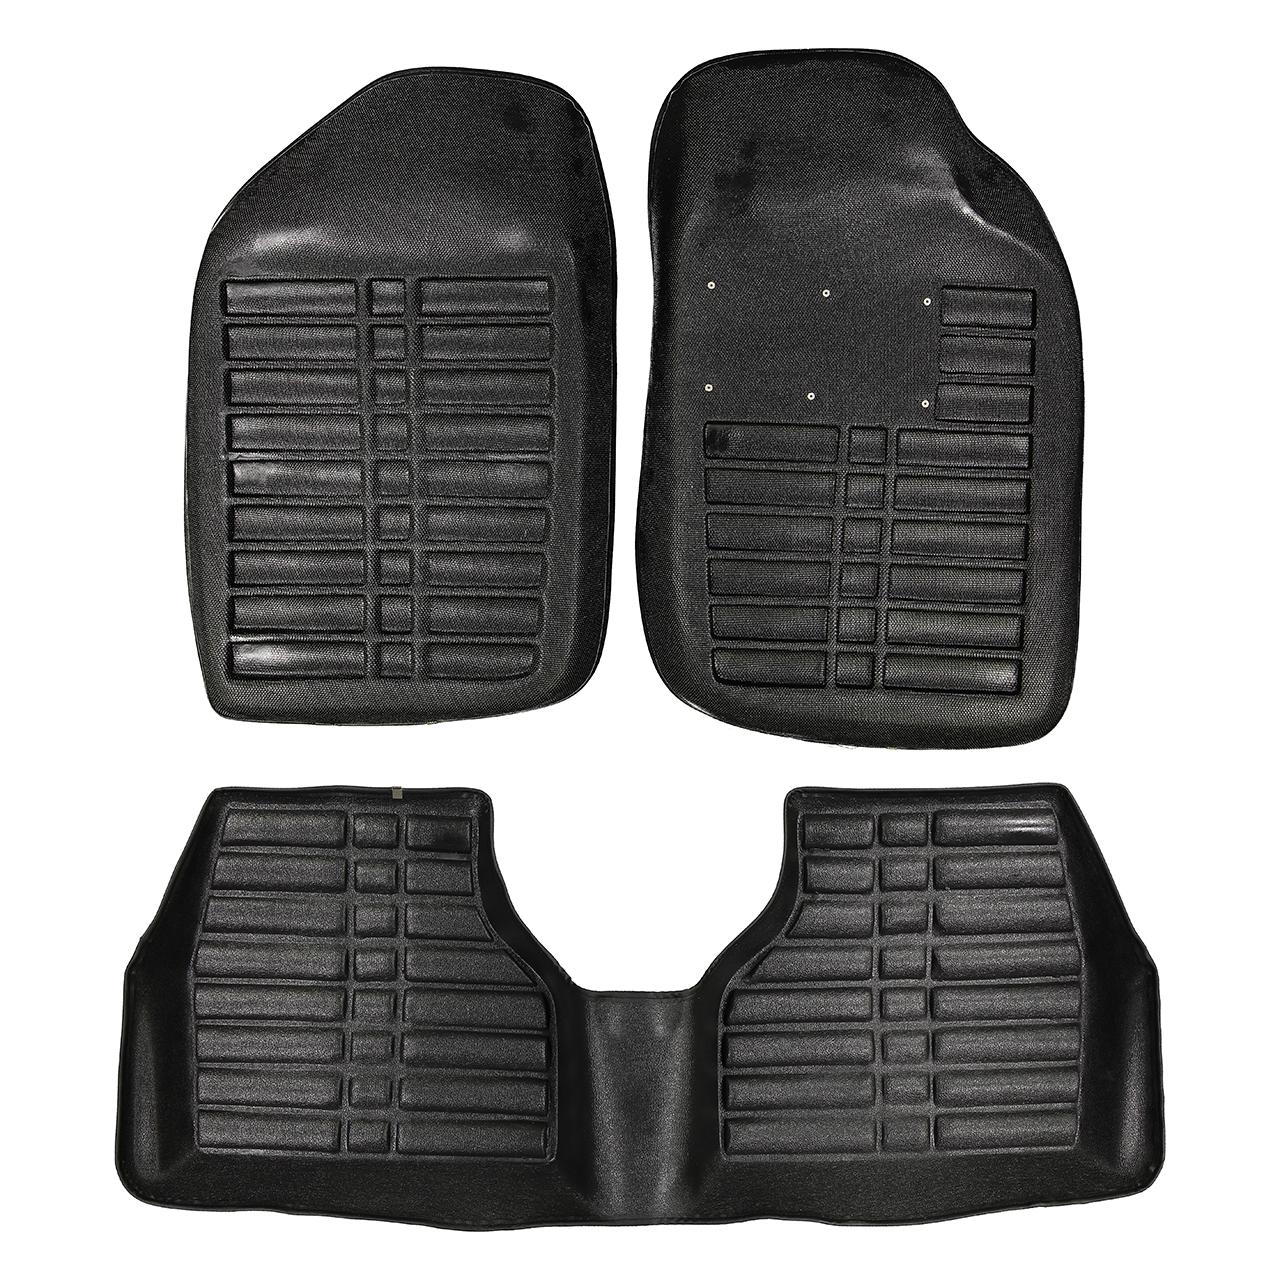 کفپوش سه بعدی خودرو اس اس ال مناسب برای پژو 405